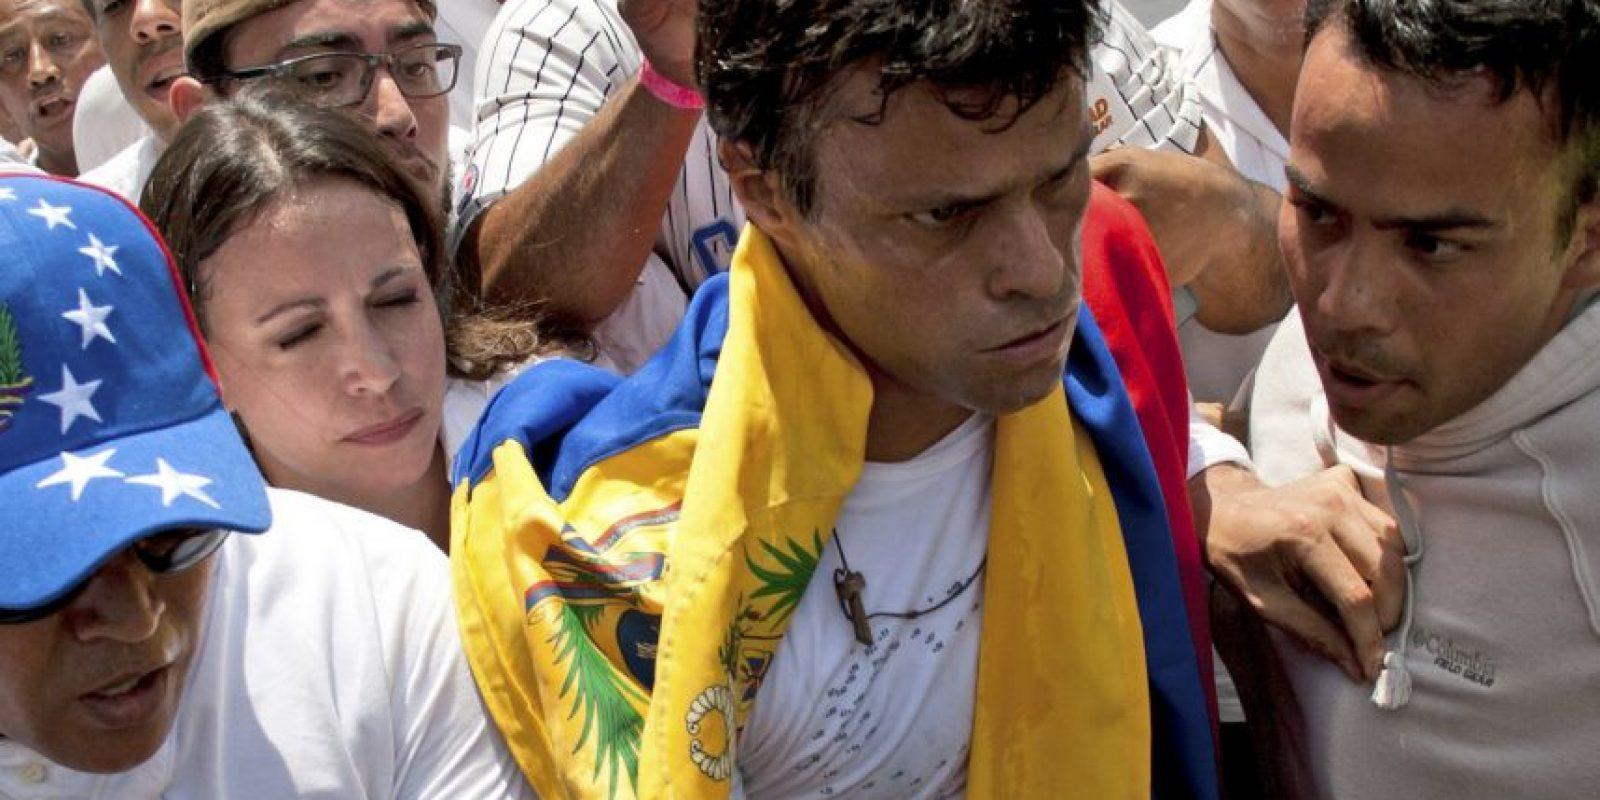 De acuerdo con la familia de López, esta no fue la primera vez que atentan contra ellos. Foto:AP